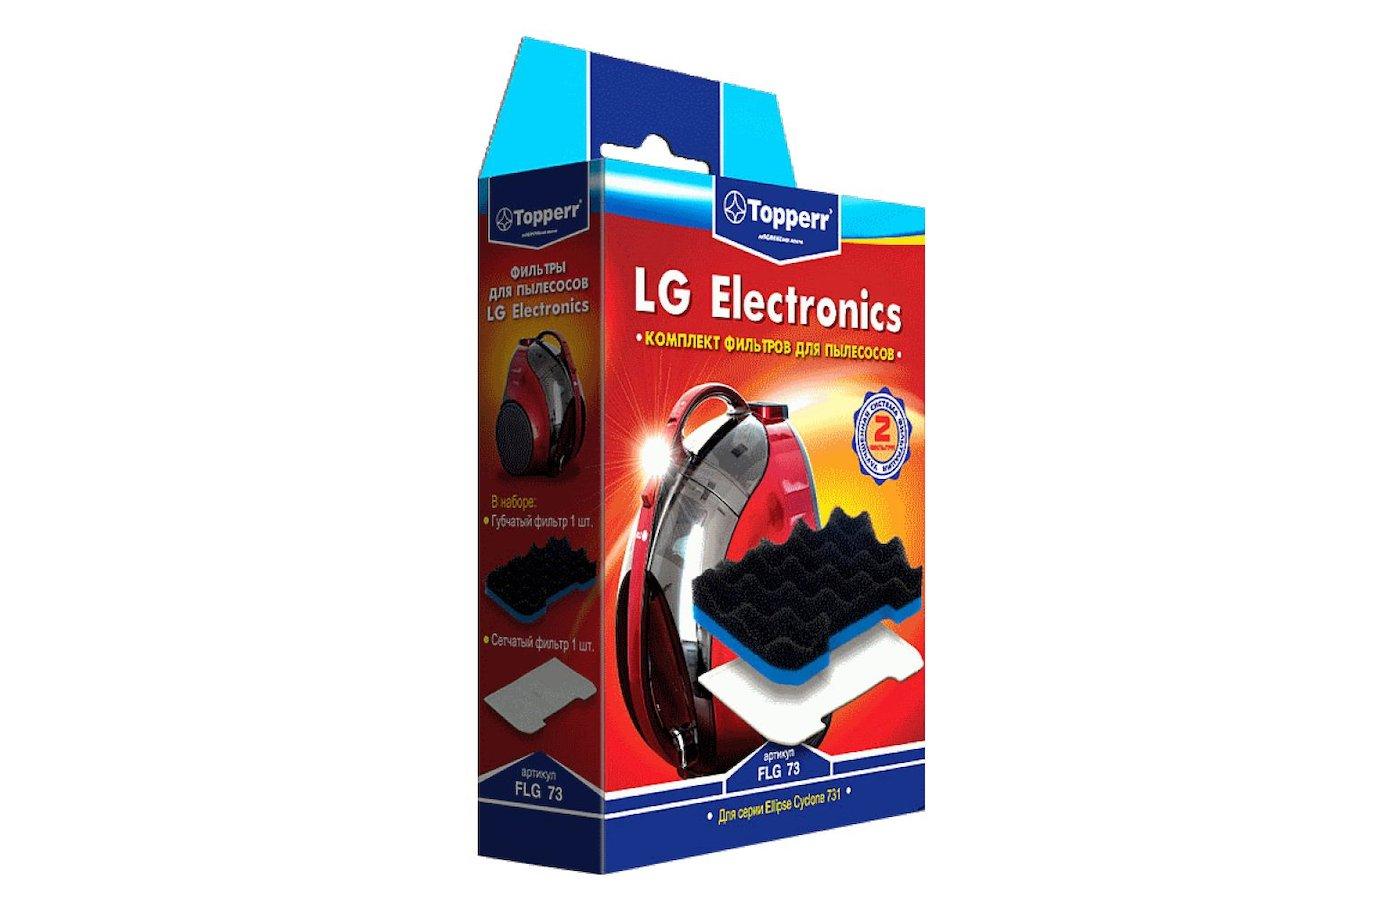 Фильтр для пылесоса TOPPERR 1130 FLG 73 Комплект фильтр д/пылесосов LG VK73... (MDJ63104301)